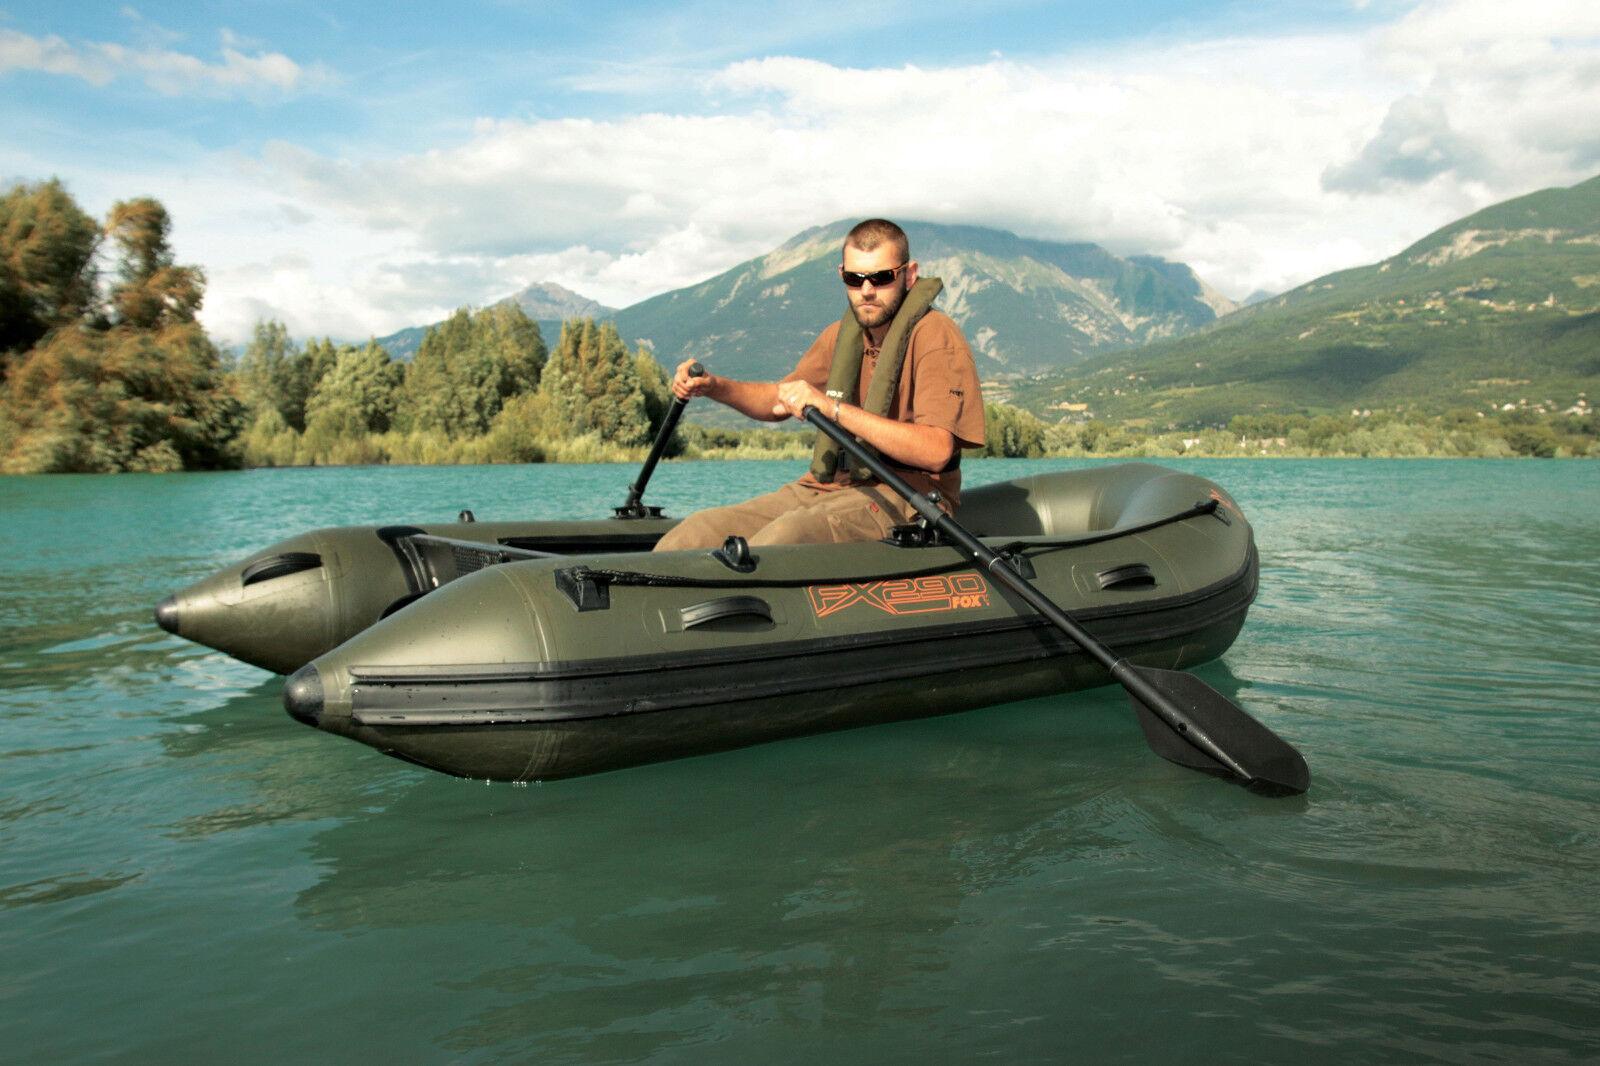 Fox fx290 Inflatable Boat cib002 gommone barca da pesca barca carpa barca FX 290